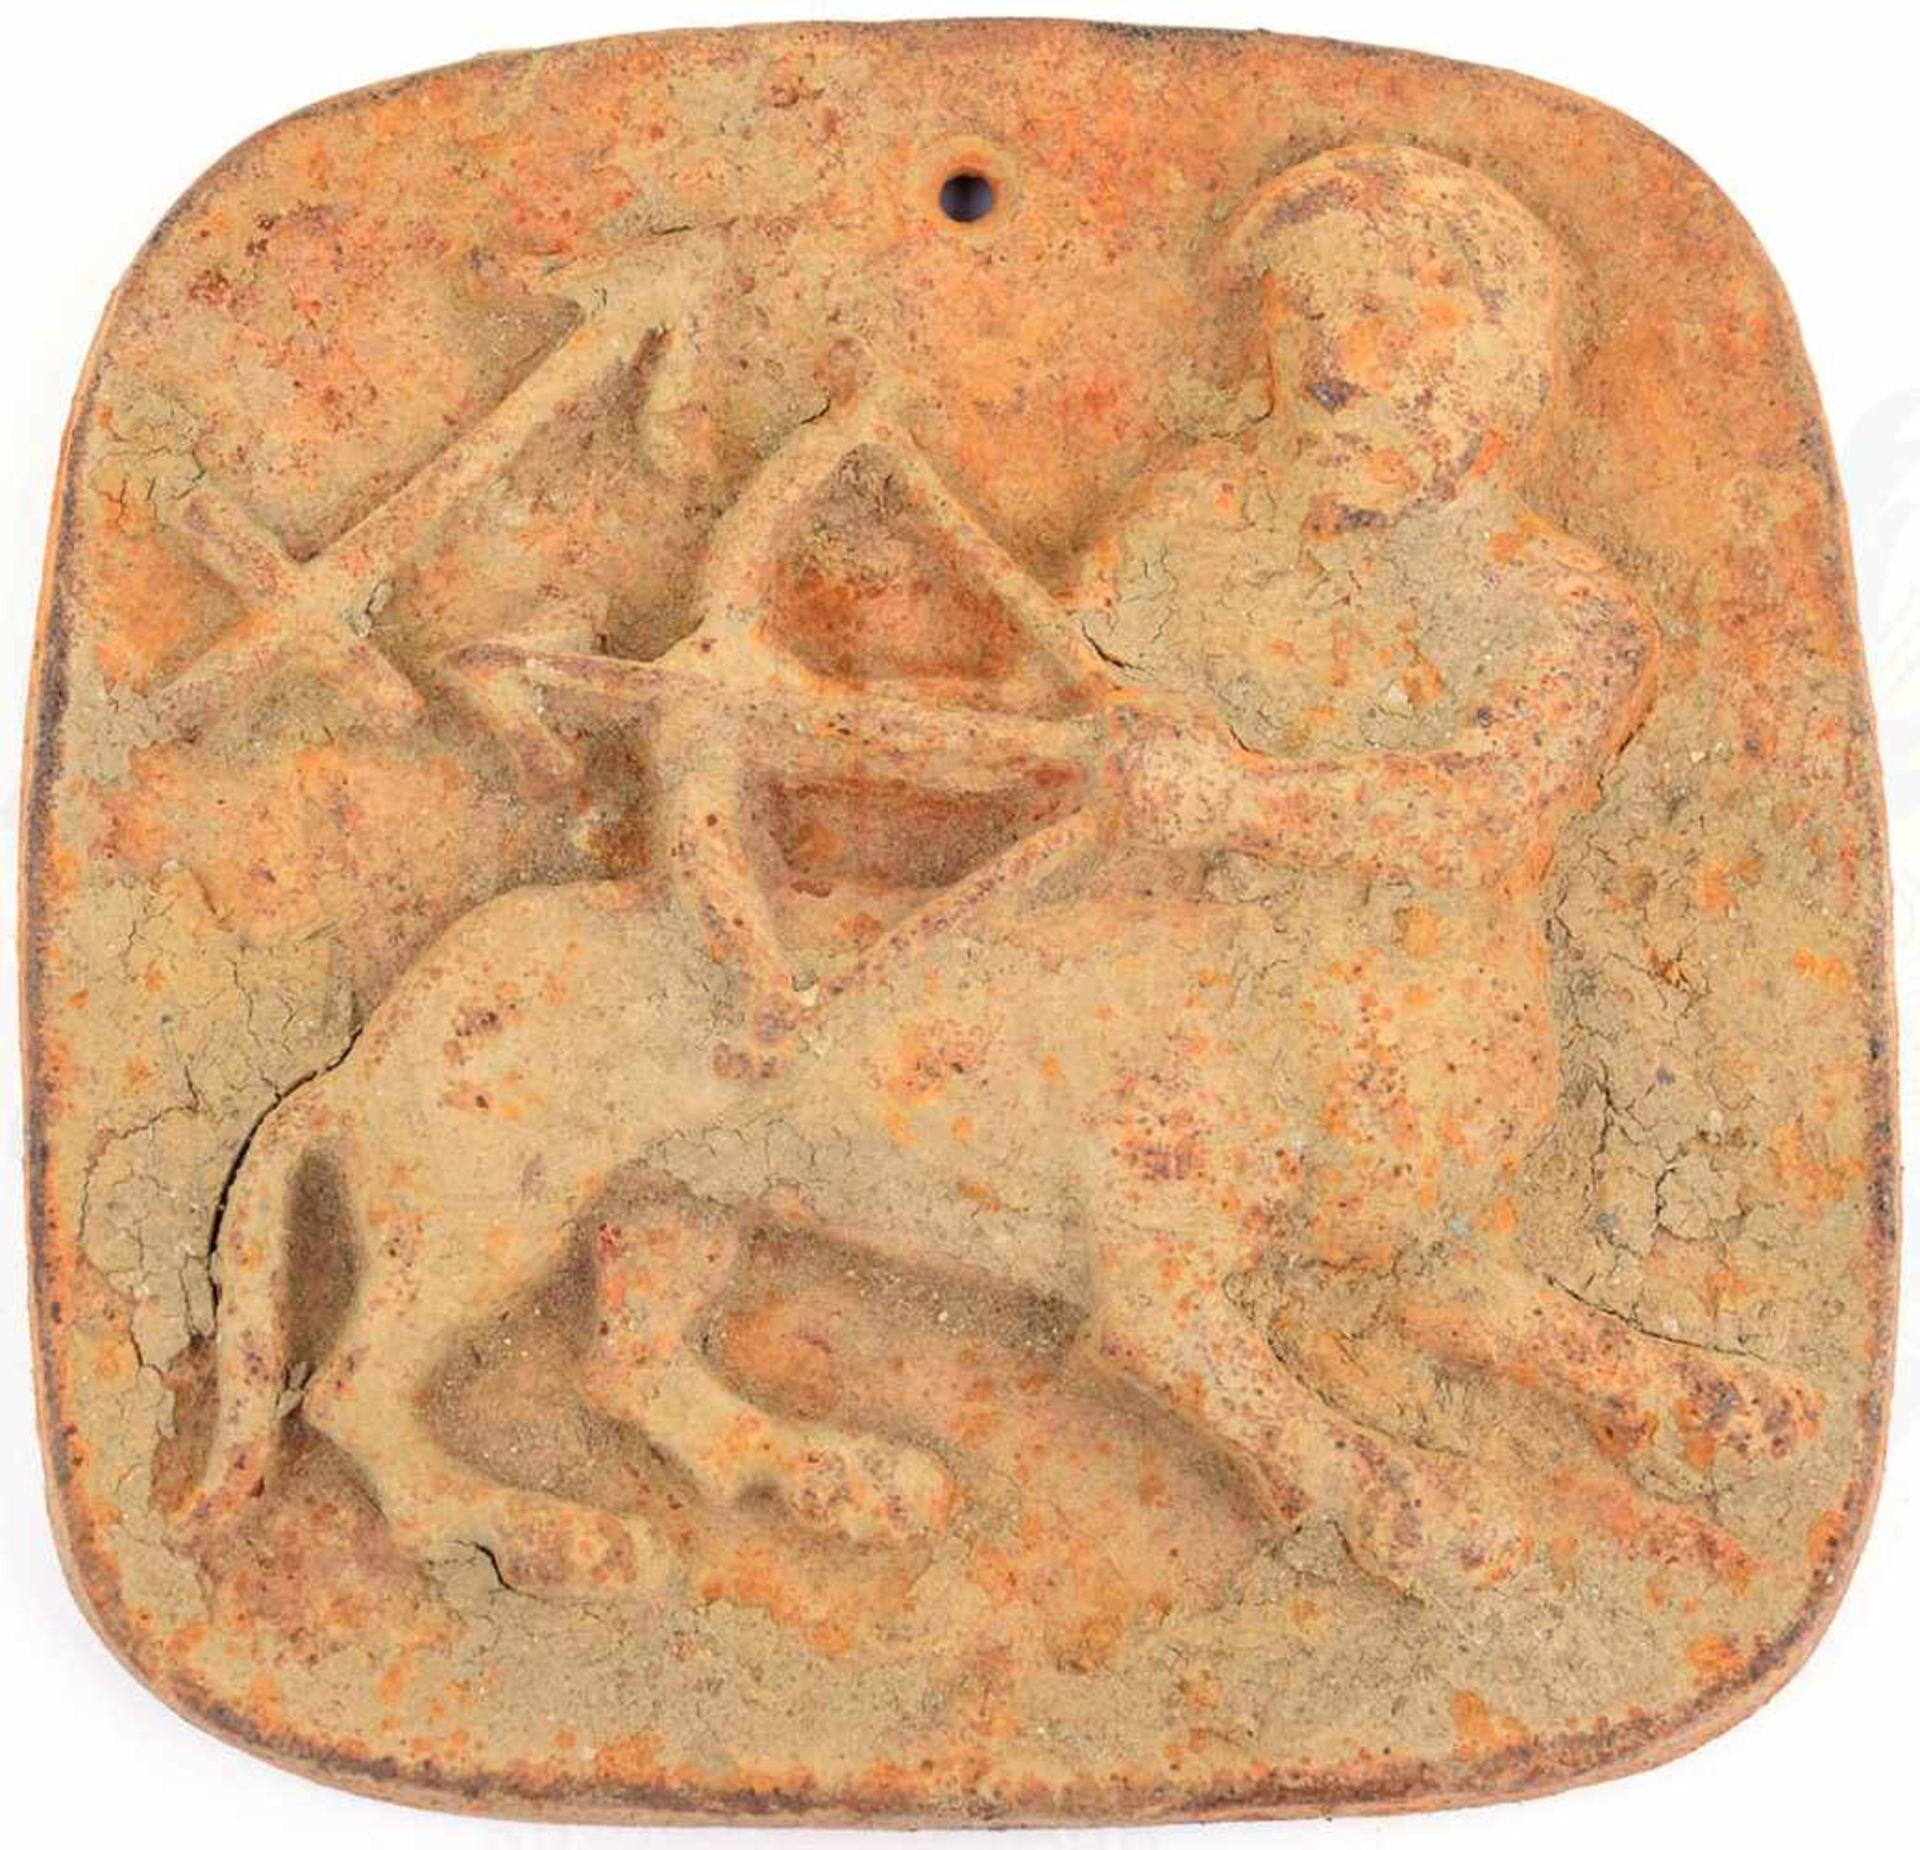 BODENFUND WANDRELIEF, Eisenguss, halbhohl, Darstellung eines Kentauren mit Pfeil u. Bogen, 1